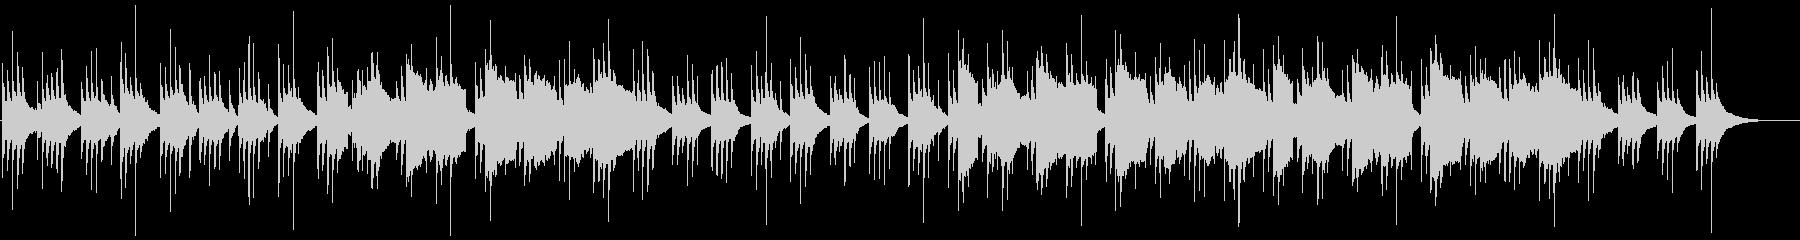 和風 尺八と琴のリラックスBGMの未再生の波形